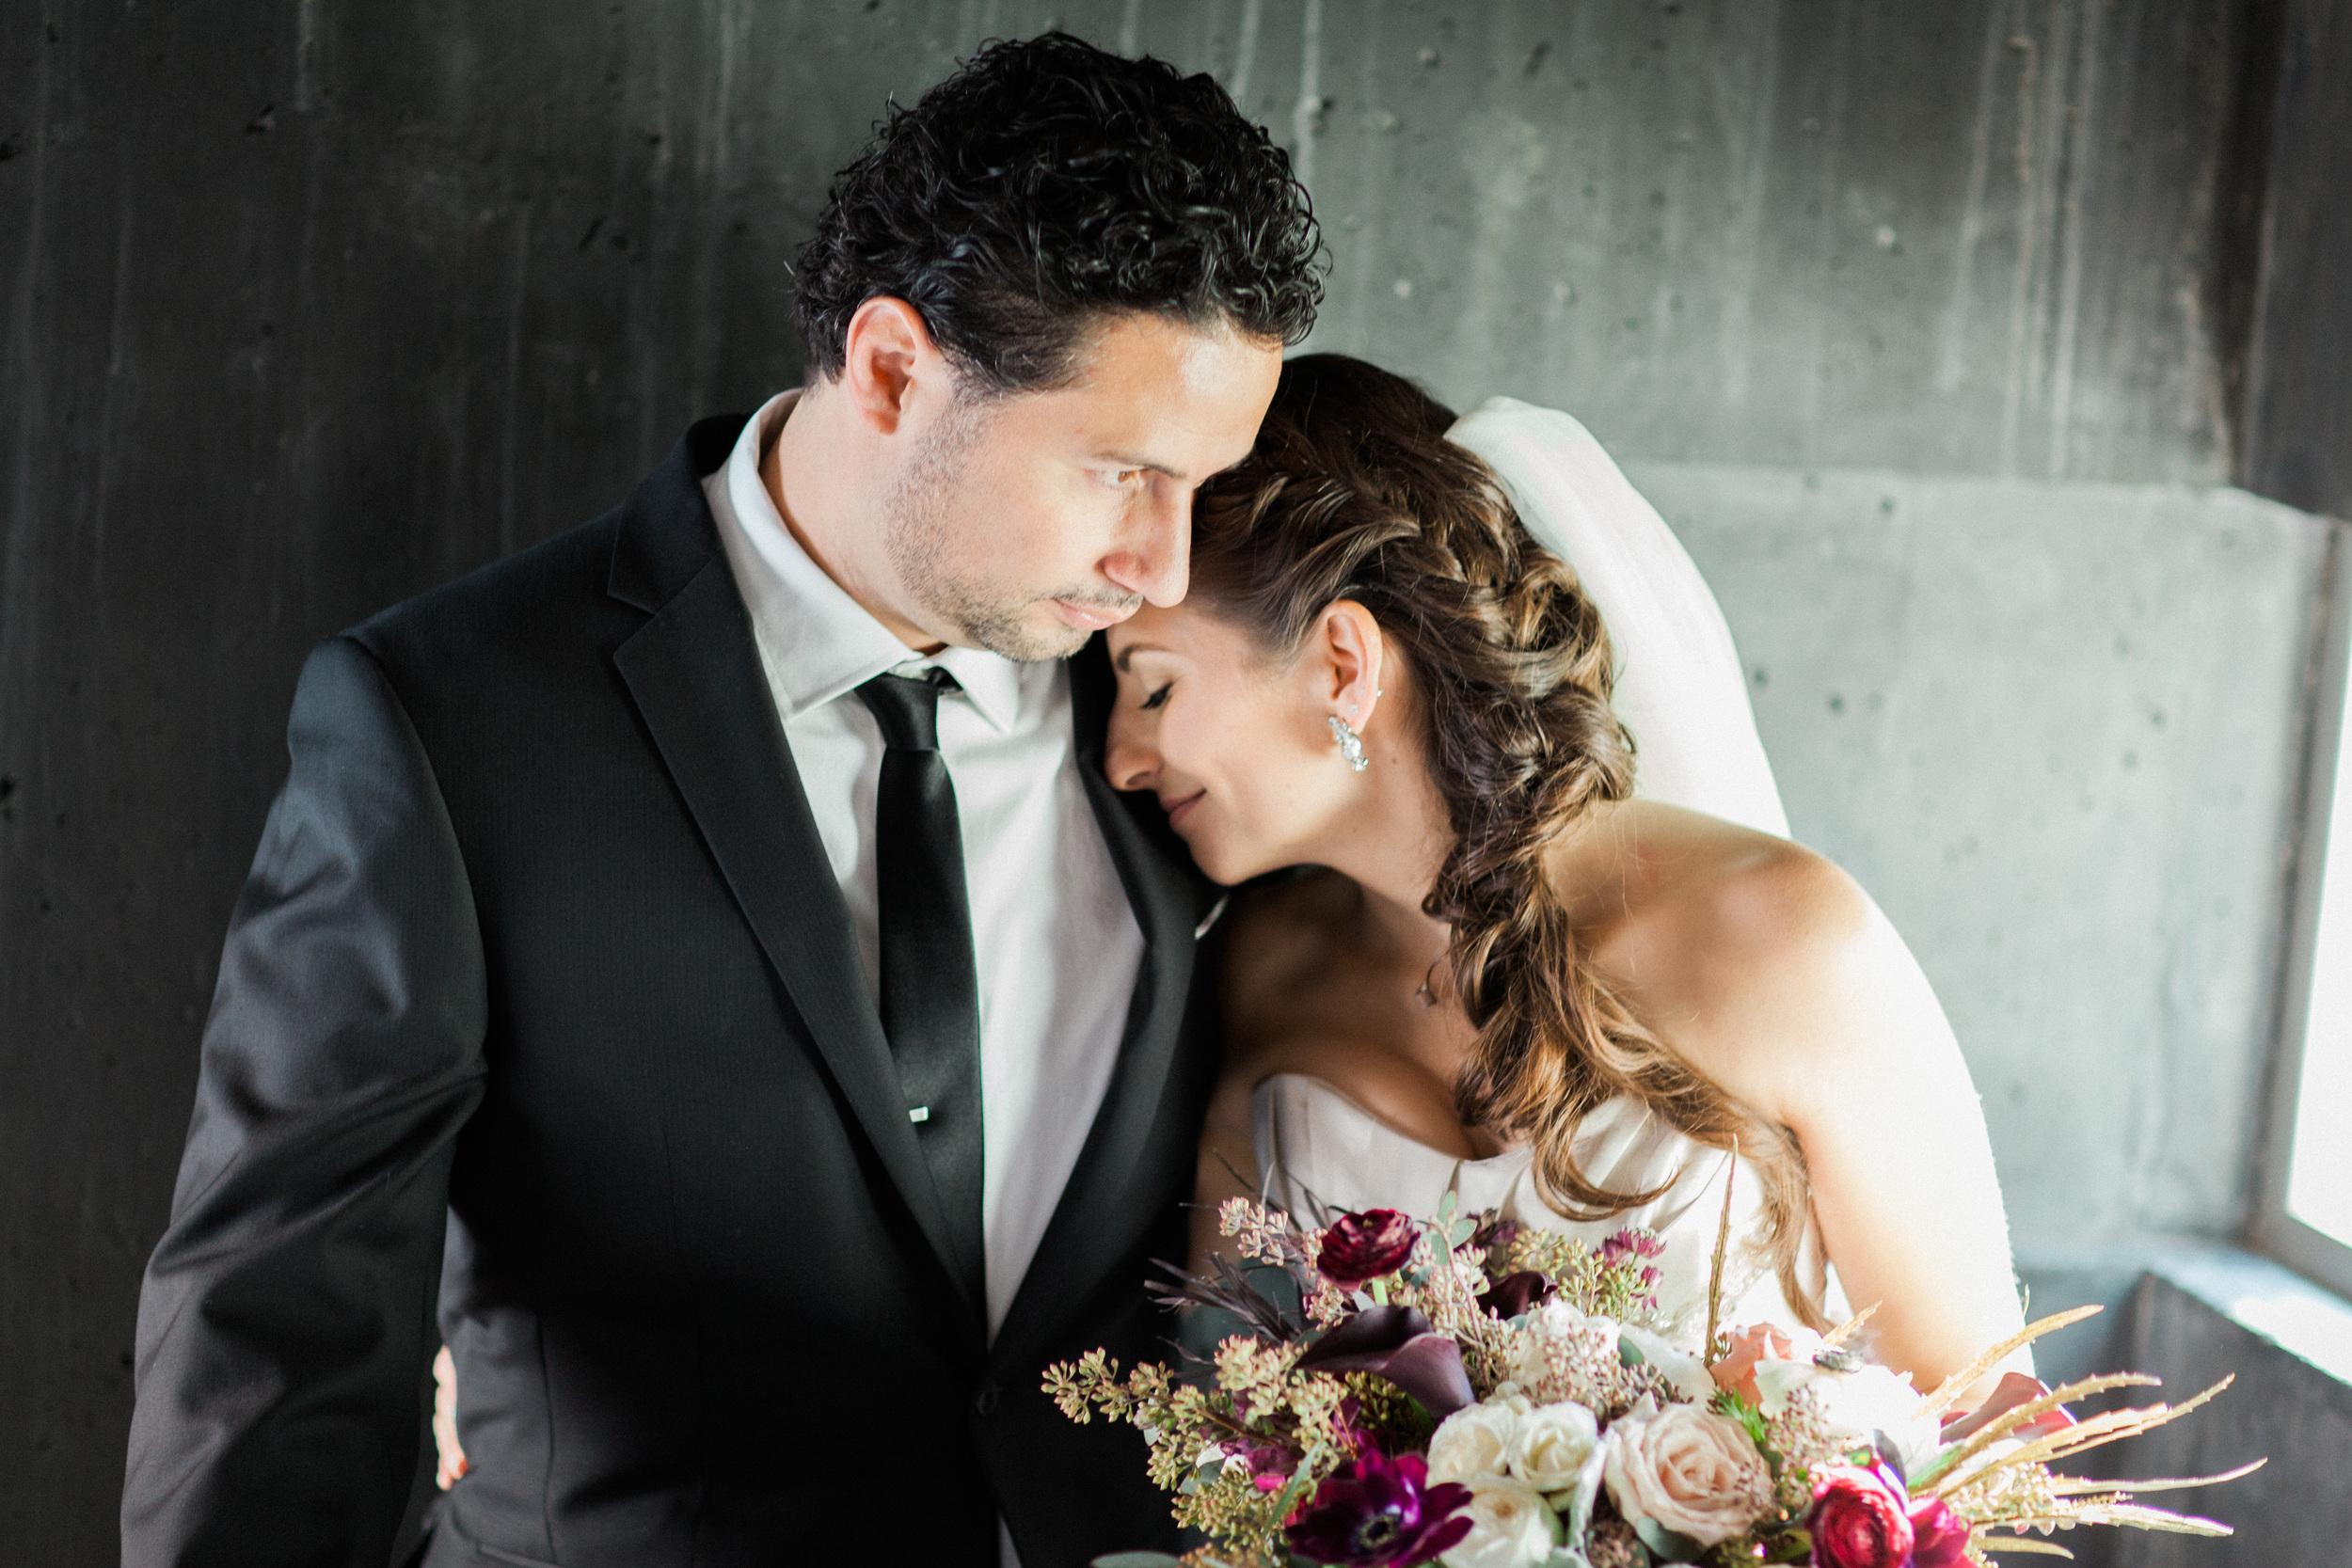 phoenix wedding planner, scottsdale wedding planner, arizona wedding, blush bouquet, bride bouquet, winter wedding